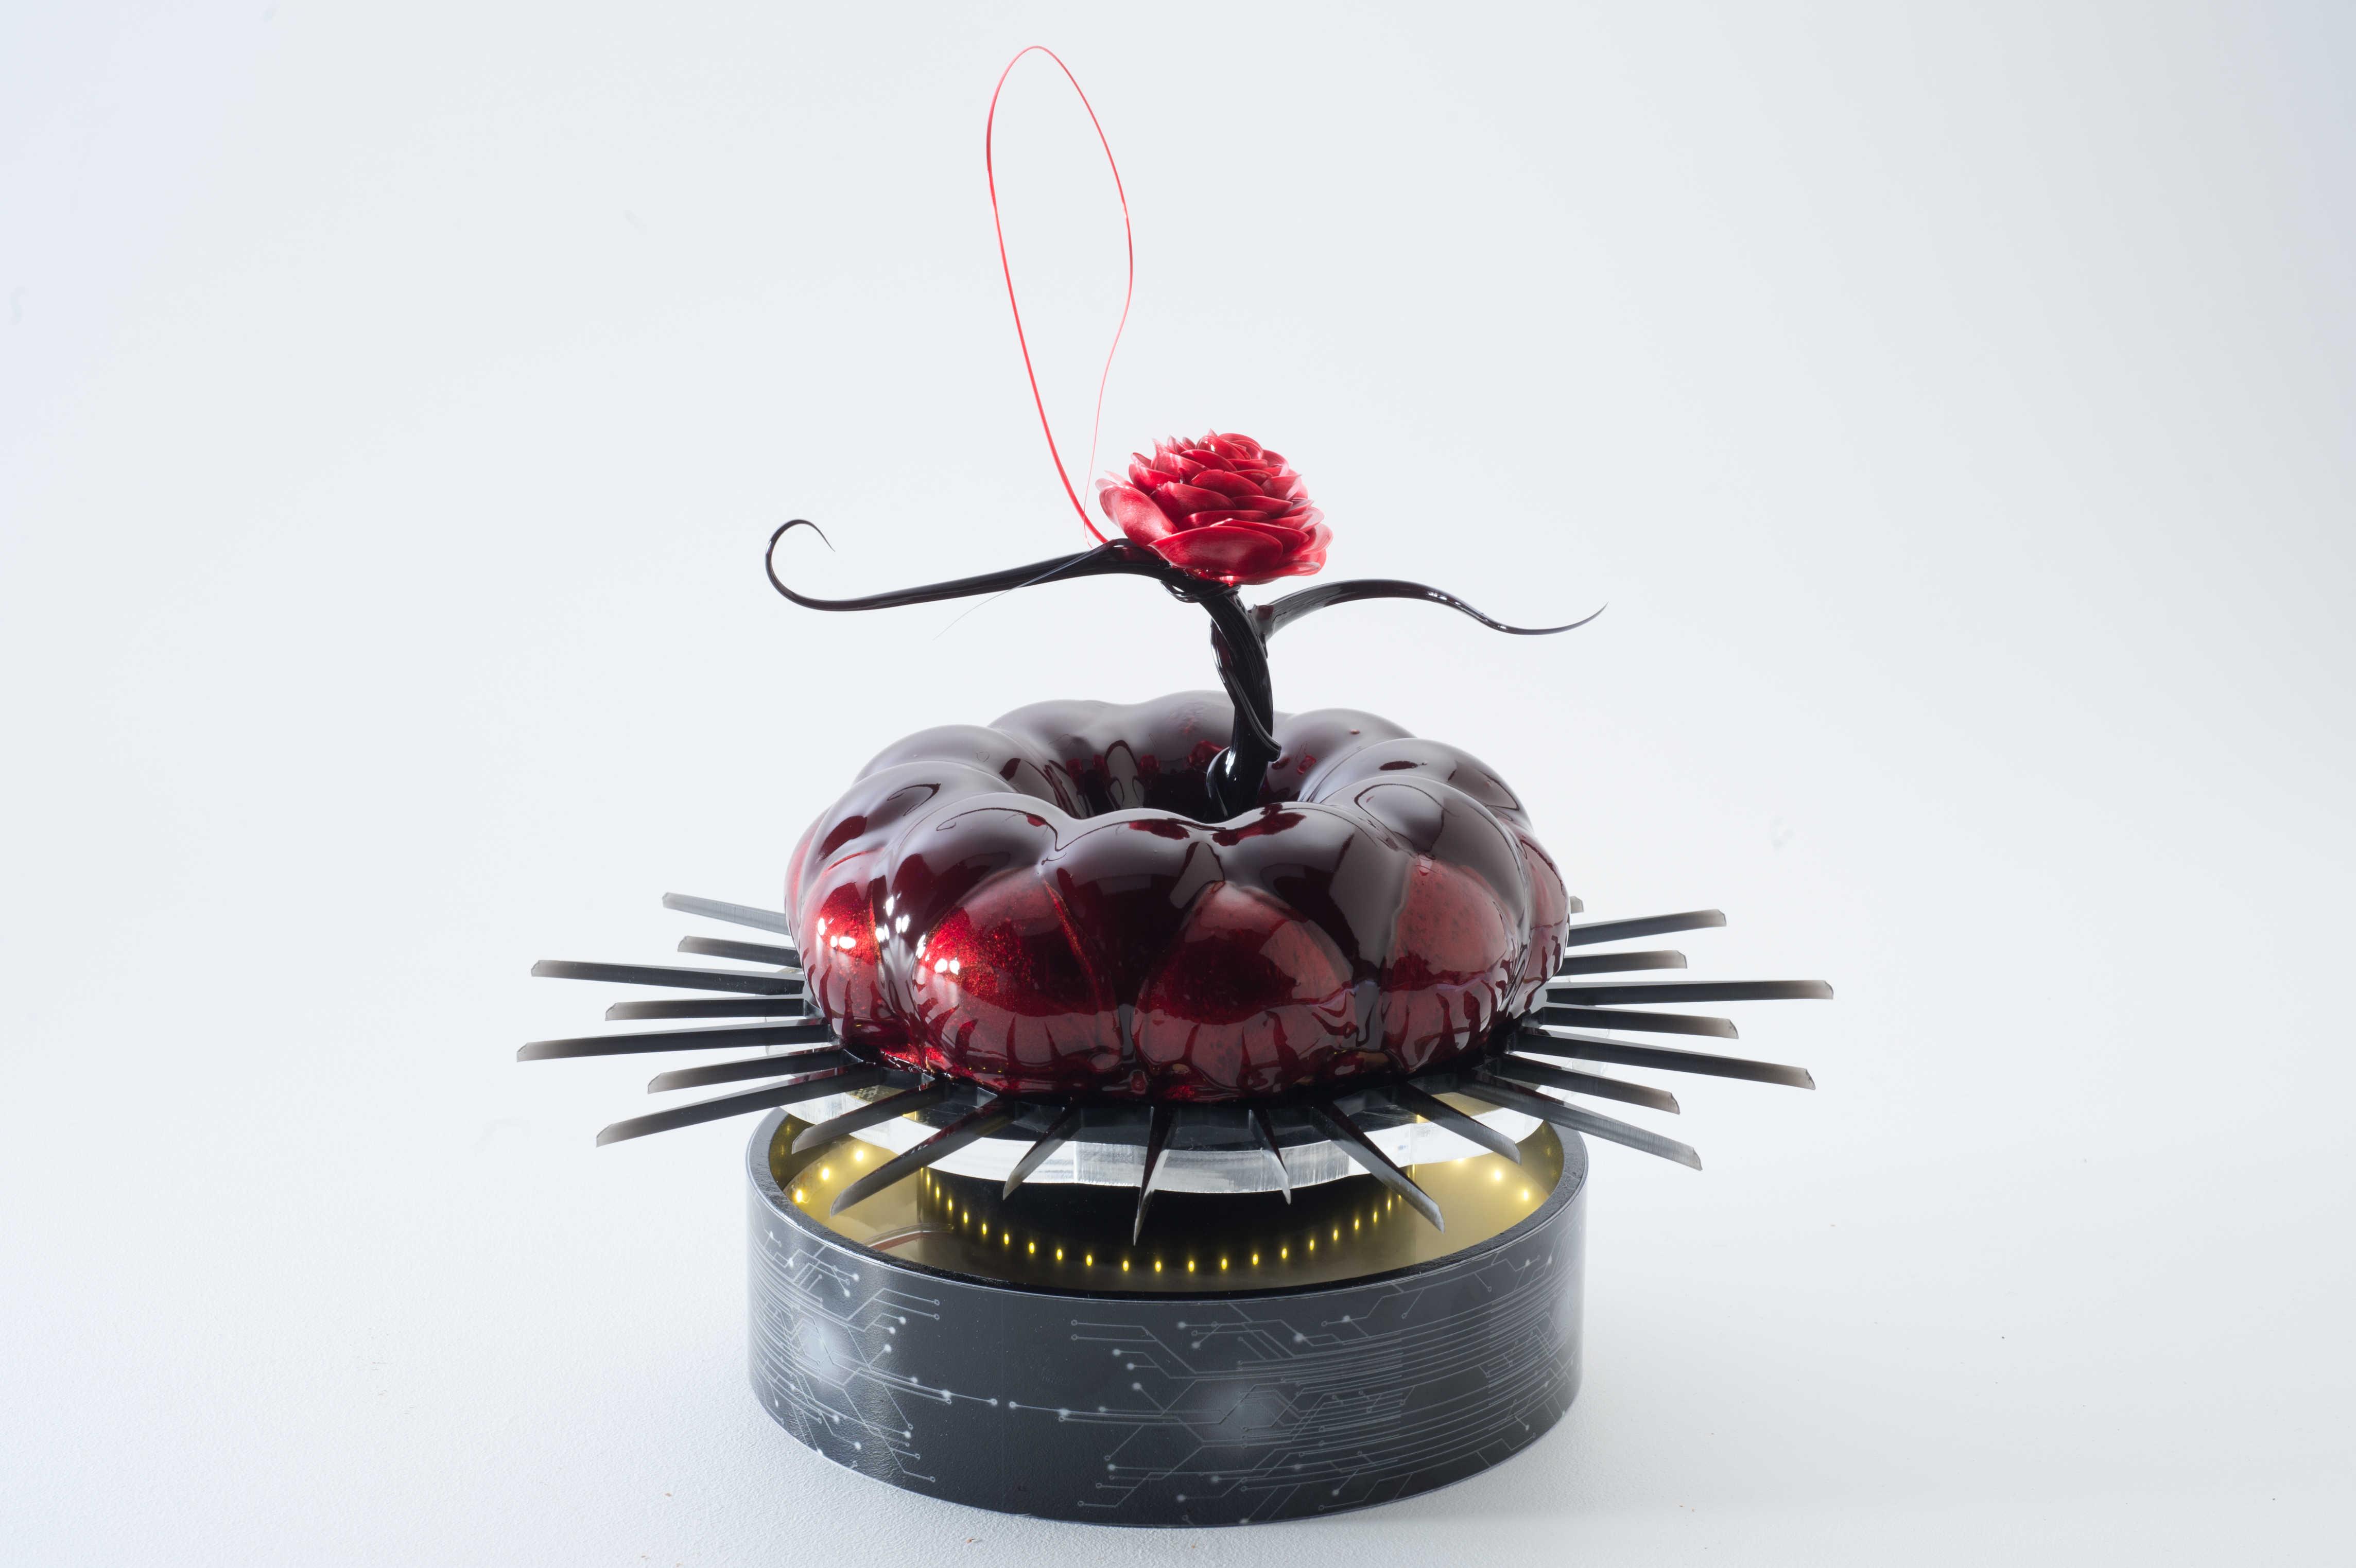 Coupe du monde de pâtisserie : Entremets chocolat - Singapour